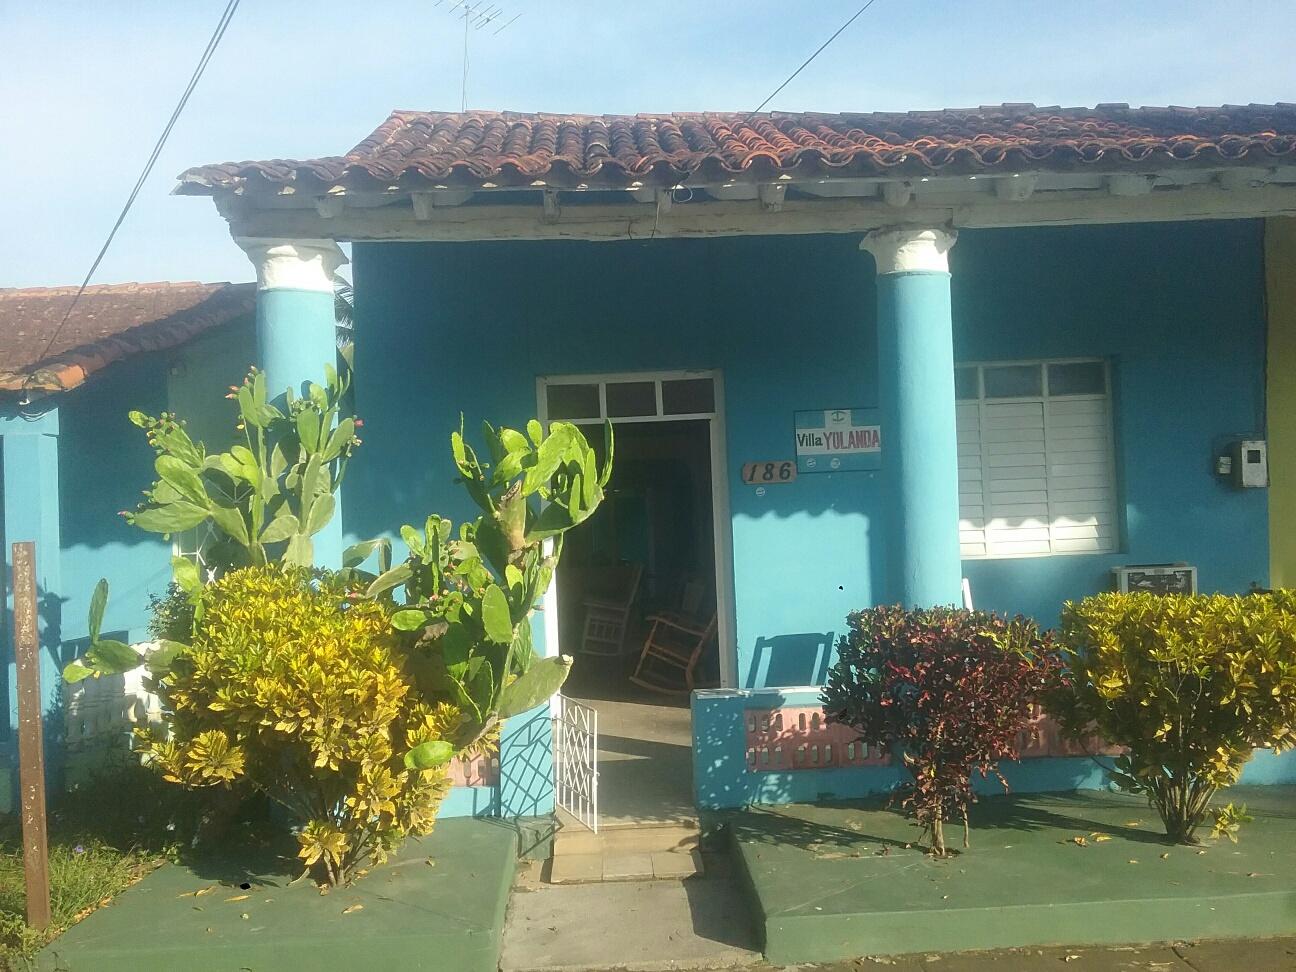 VIN008 - Villa Yolanda